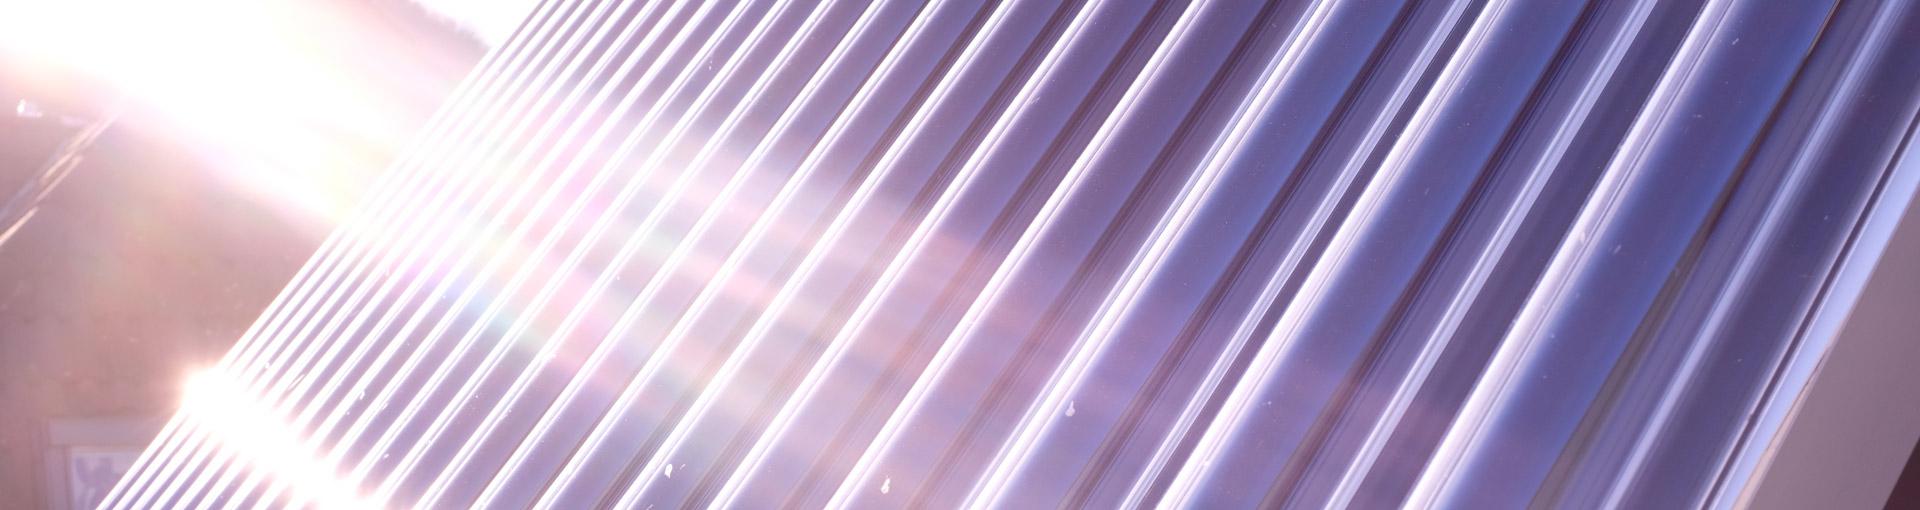 Solarthermie Wissen - © wolterfoto.de